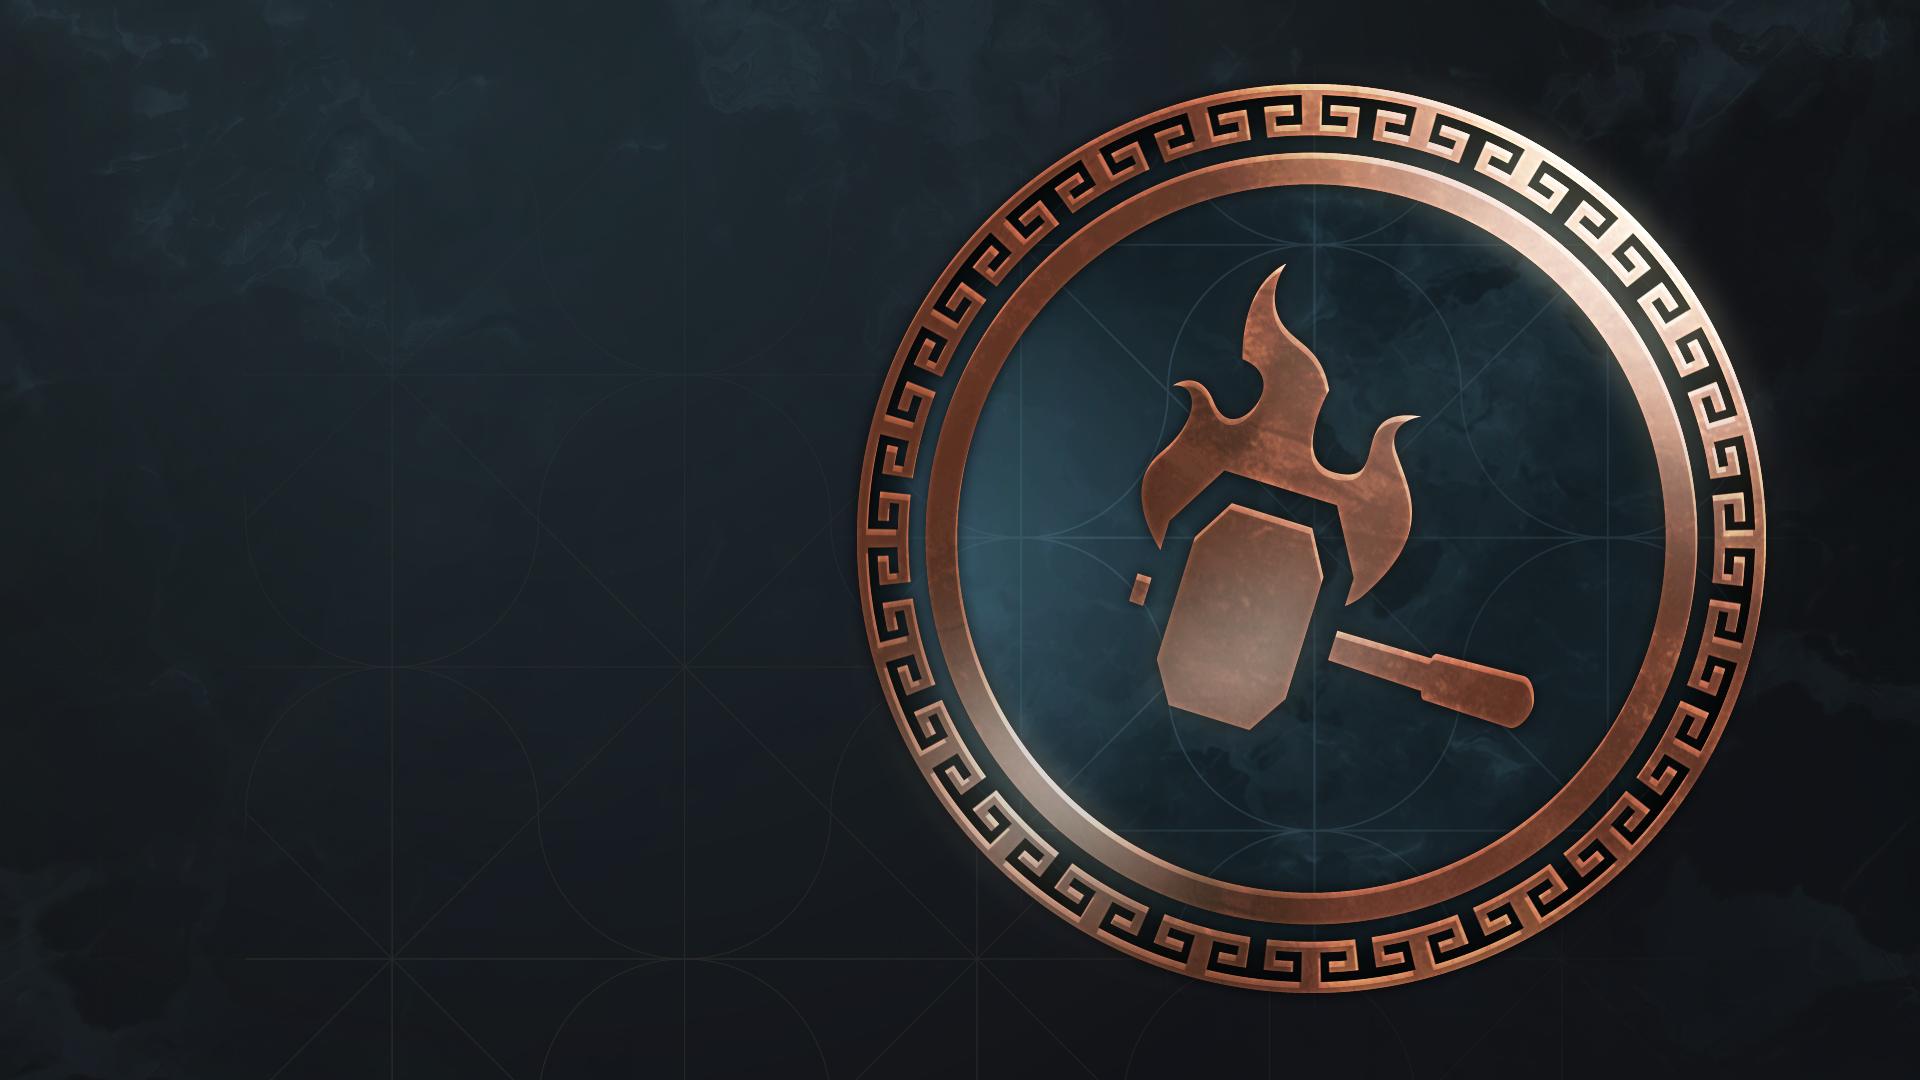 Icon for Hephaistos's Apprentice